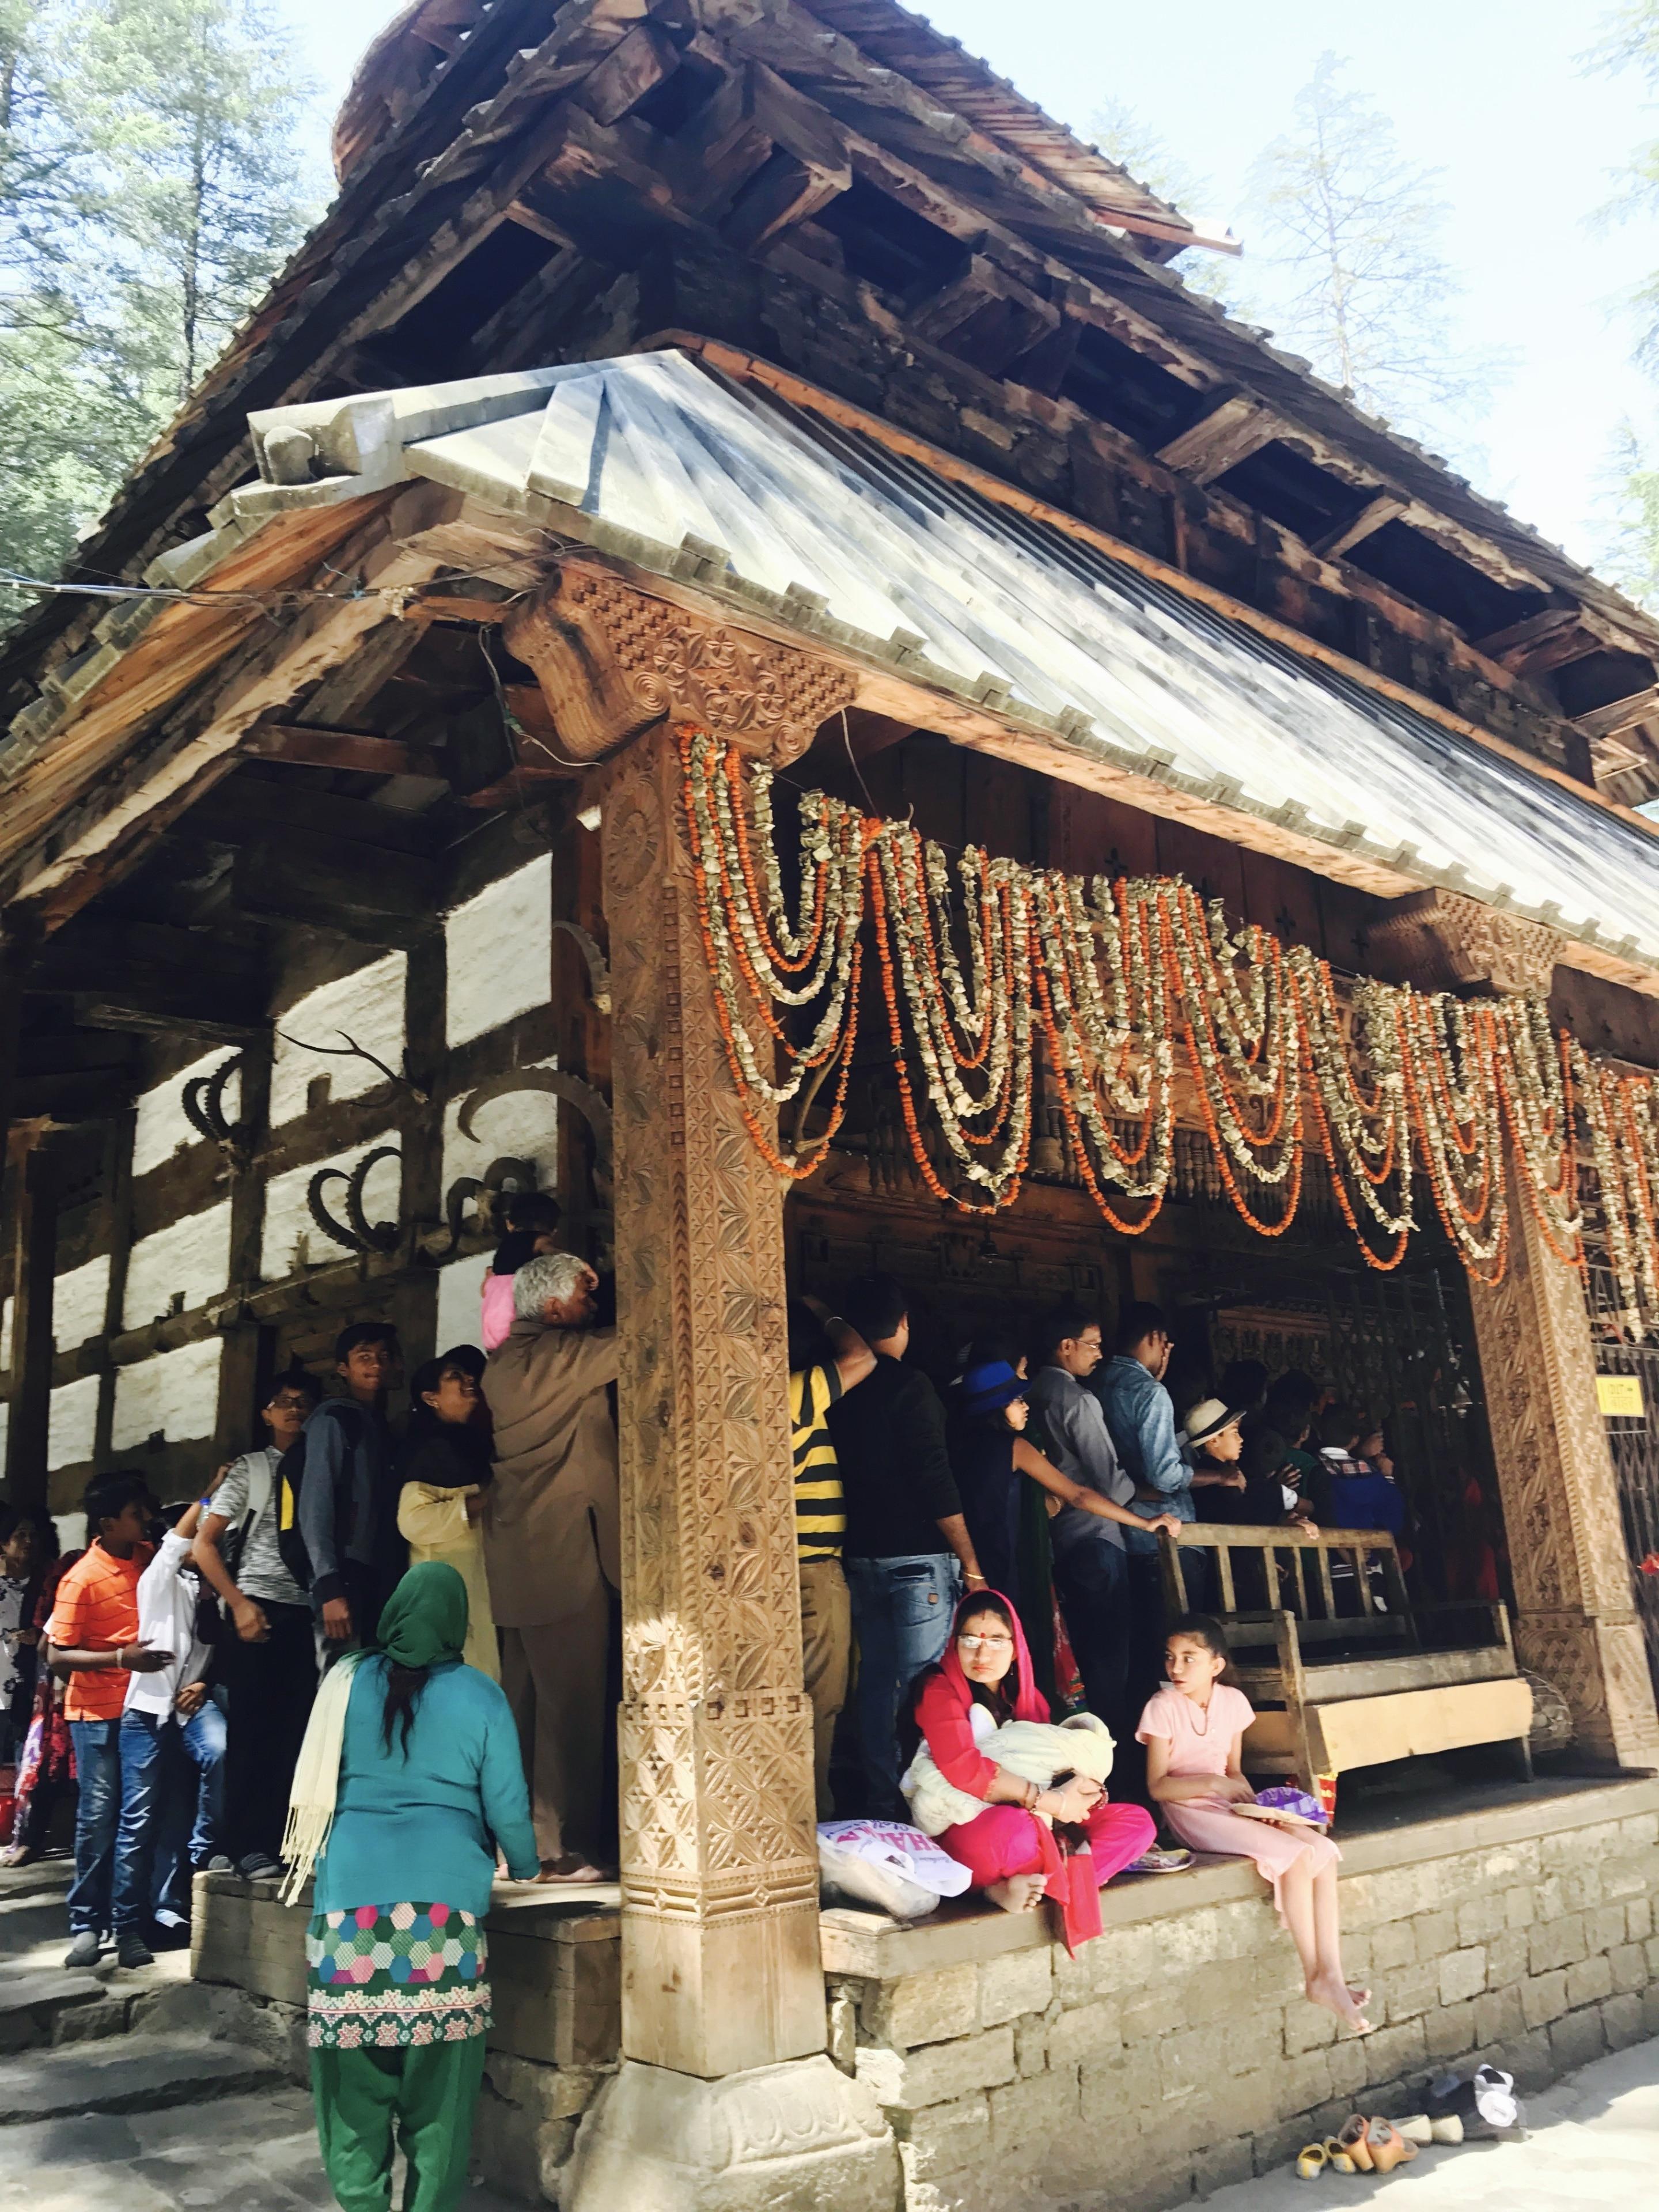 Tempel Hadimba Devi, Manali, Himachal Pradesh, Indien